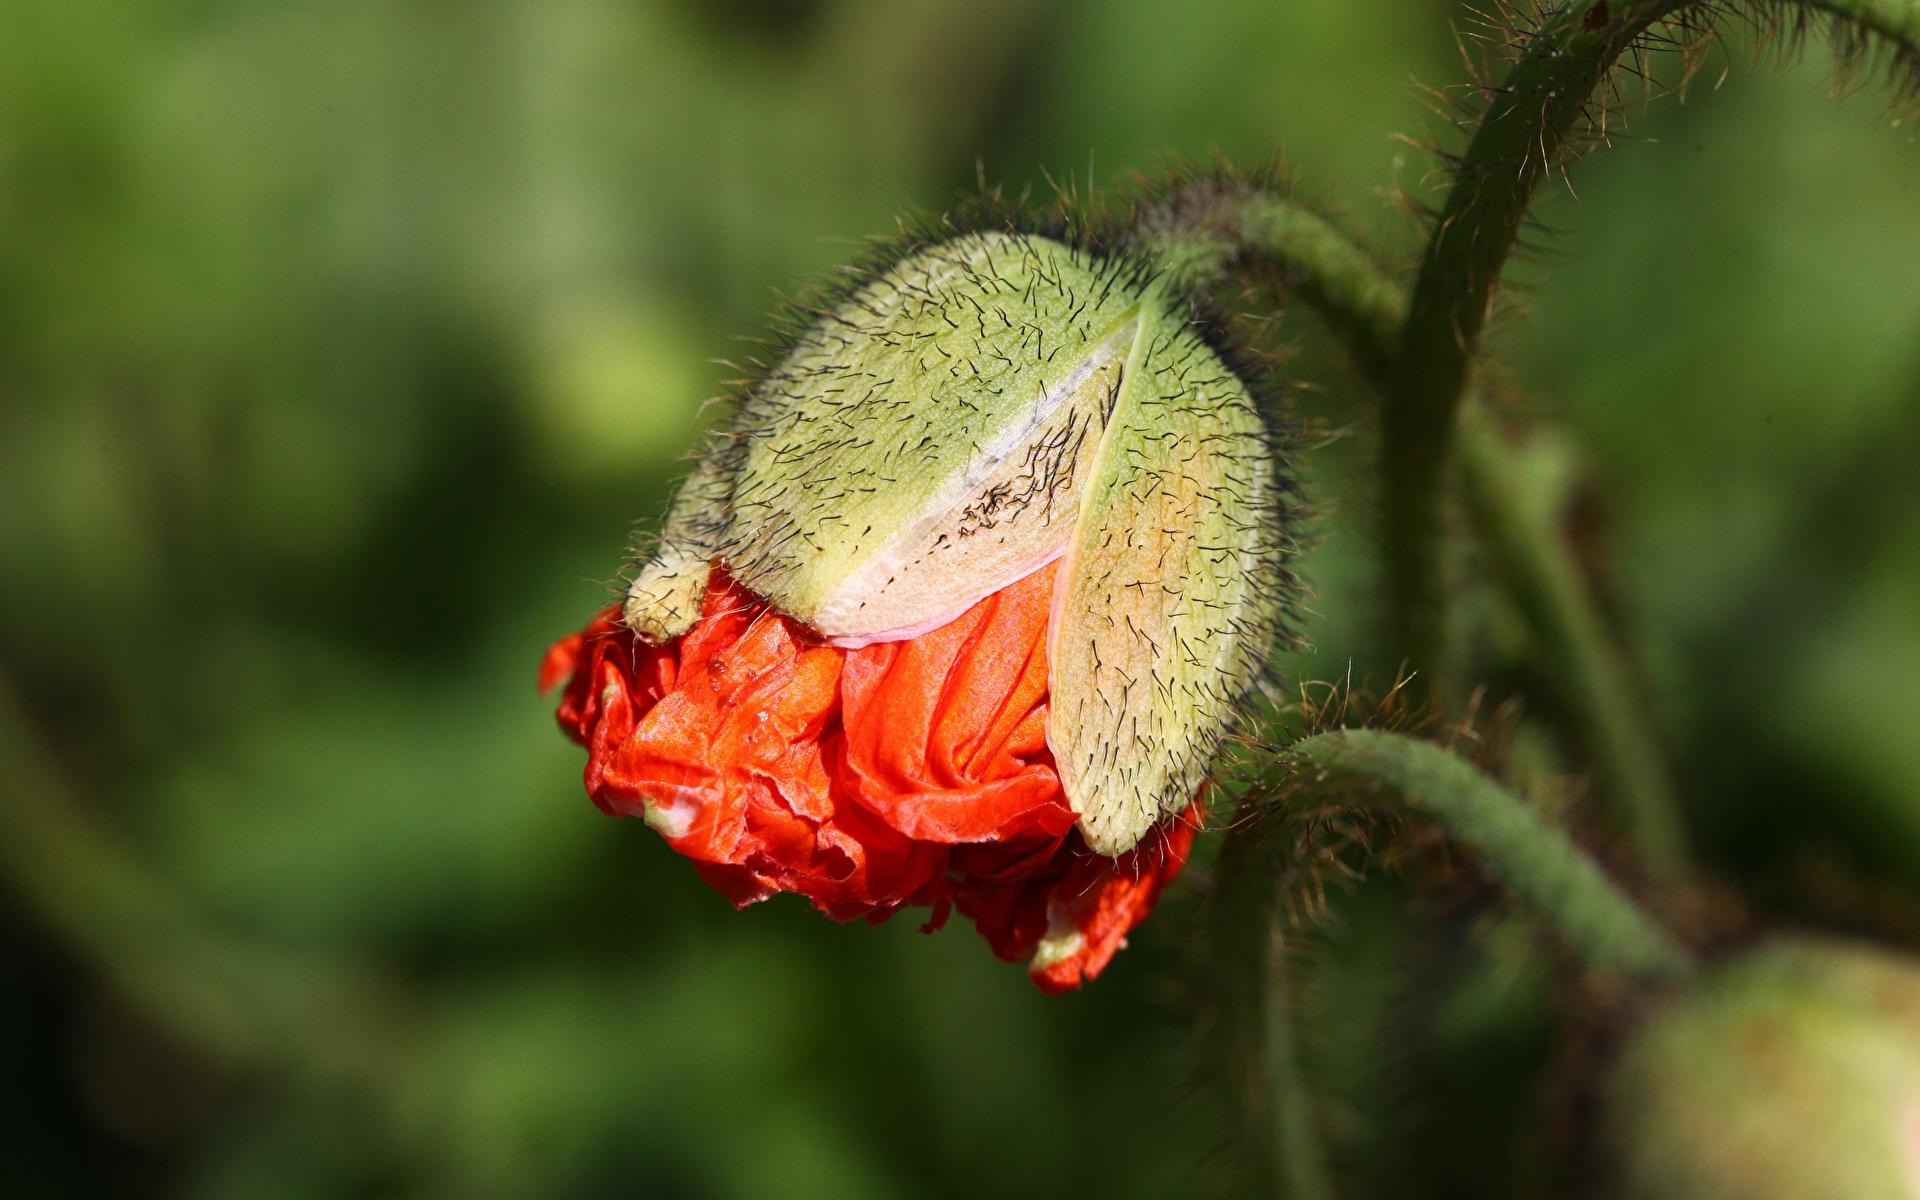 Фото боке Маки Цветы Бутон вблизи 1920x1200 Размытый фон мак цветок Крупным планом